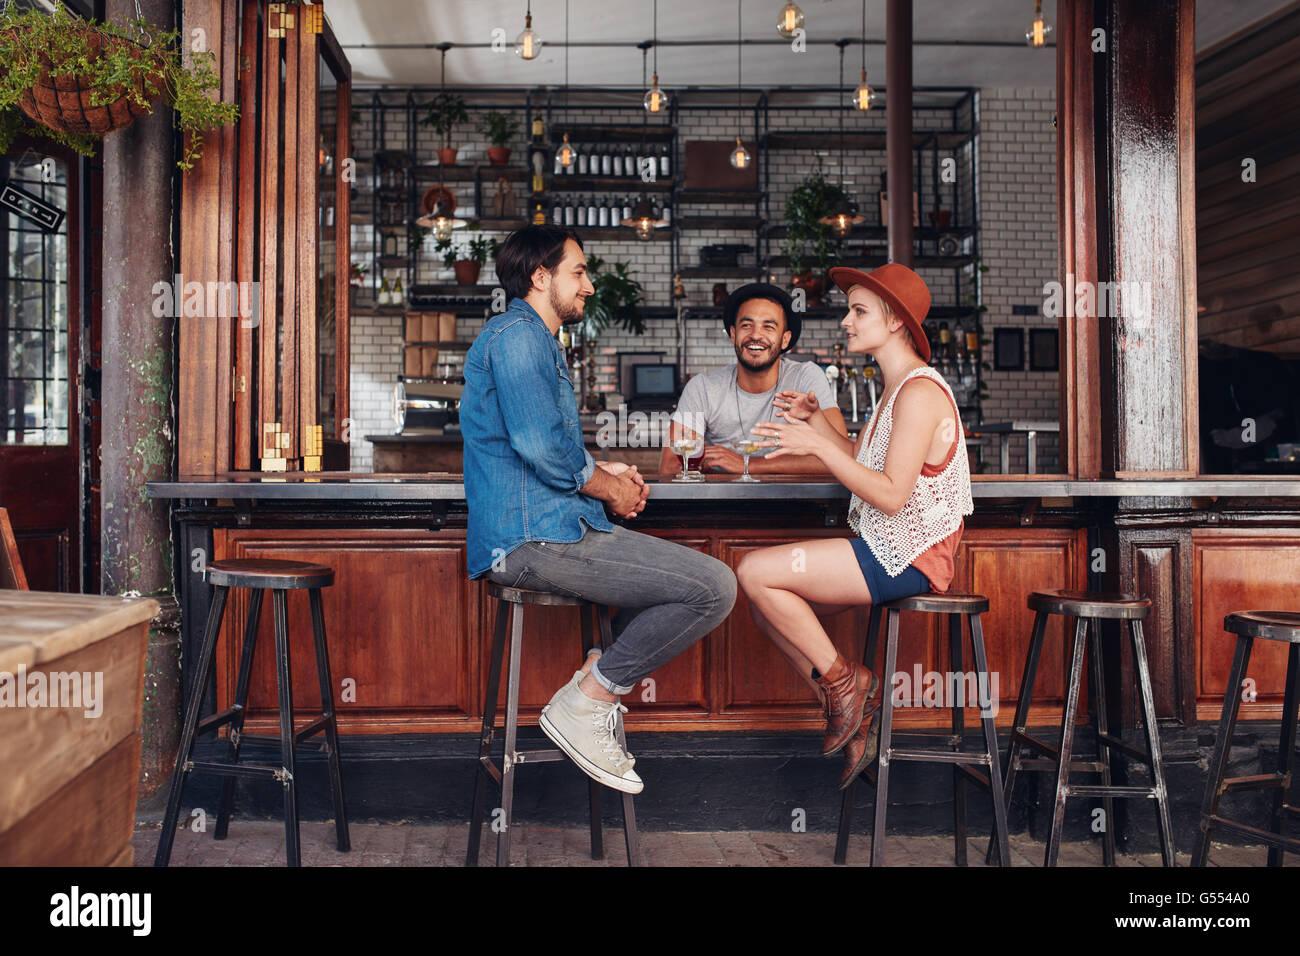 Porträt von glücklichen Gruppe von Jugendlichen in einem Café zu treffen und reden. Drei junge Freunde Stockbild